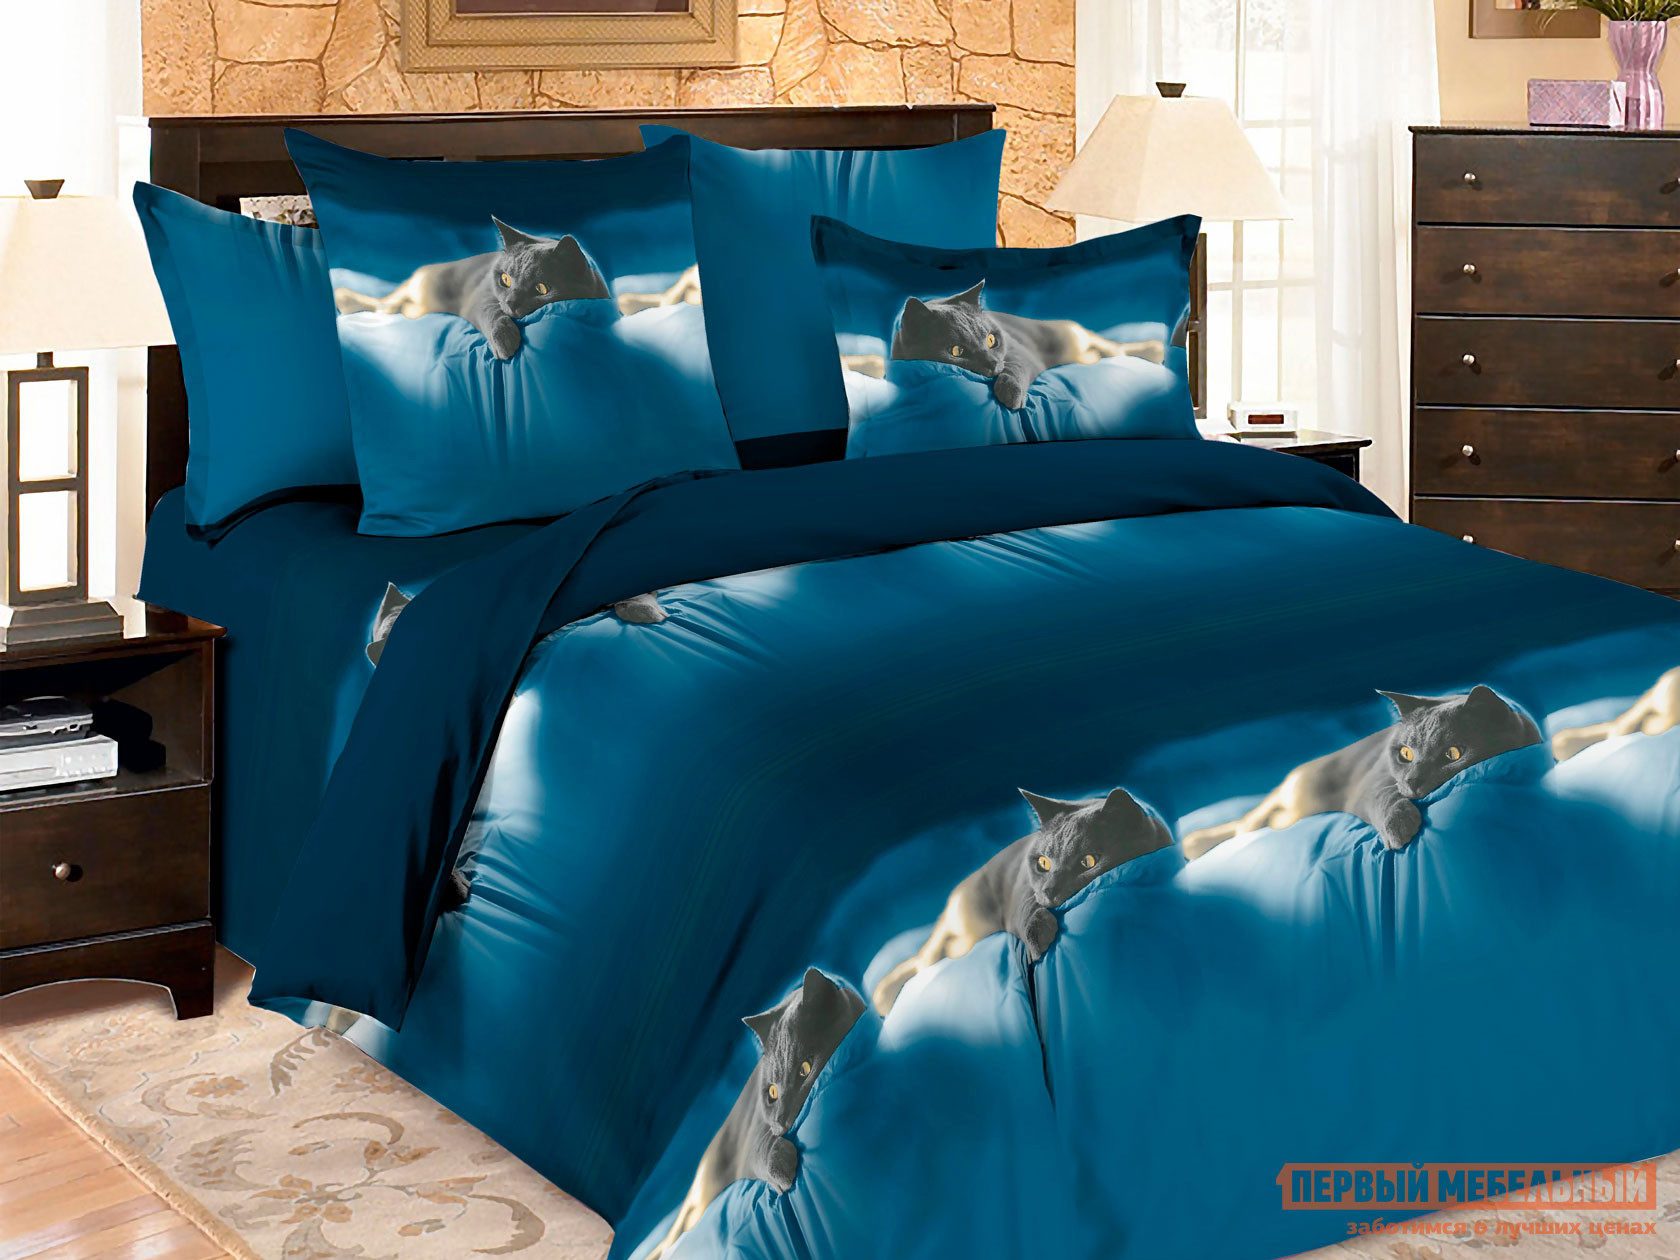 Комплект постельного белья  КПБ Amore Mio BZ Meow Мяу, микрофибра, Полутороспальный